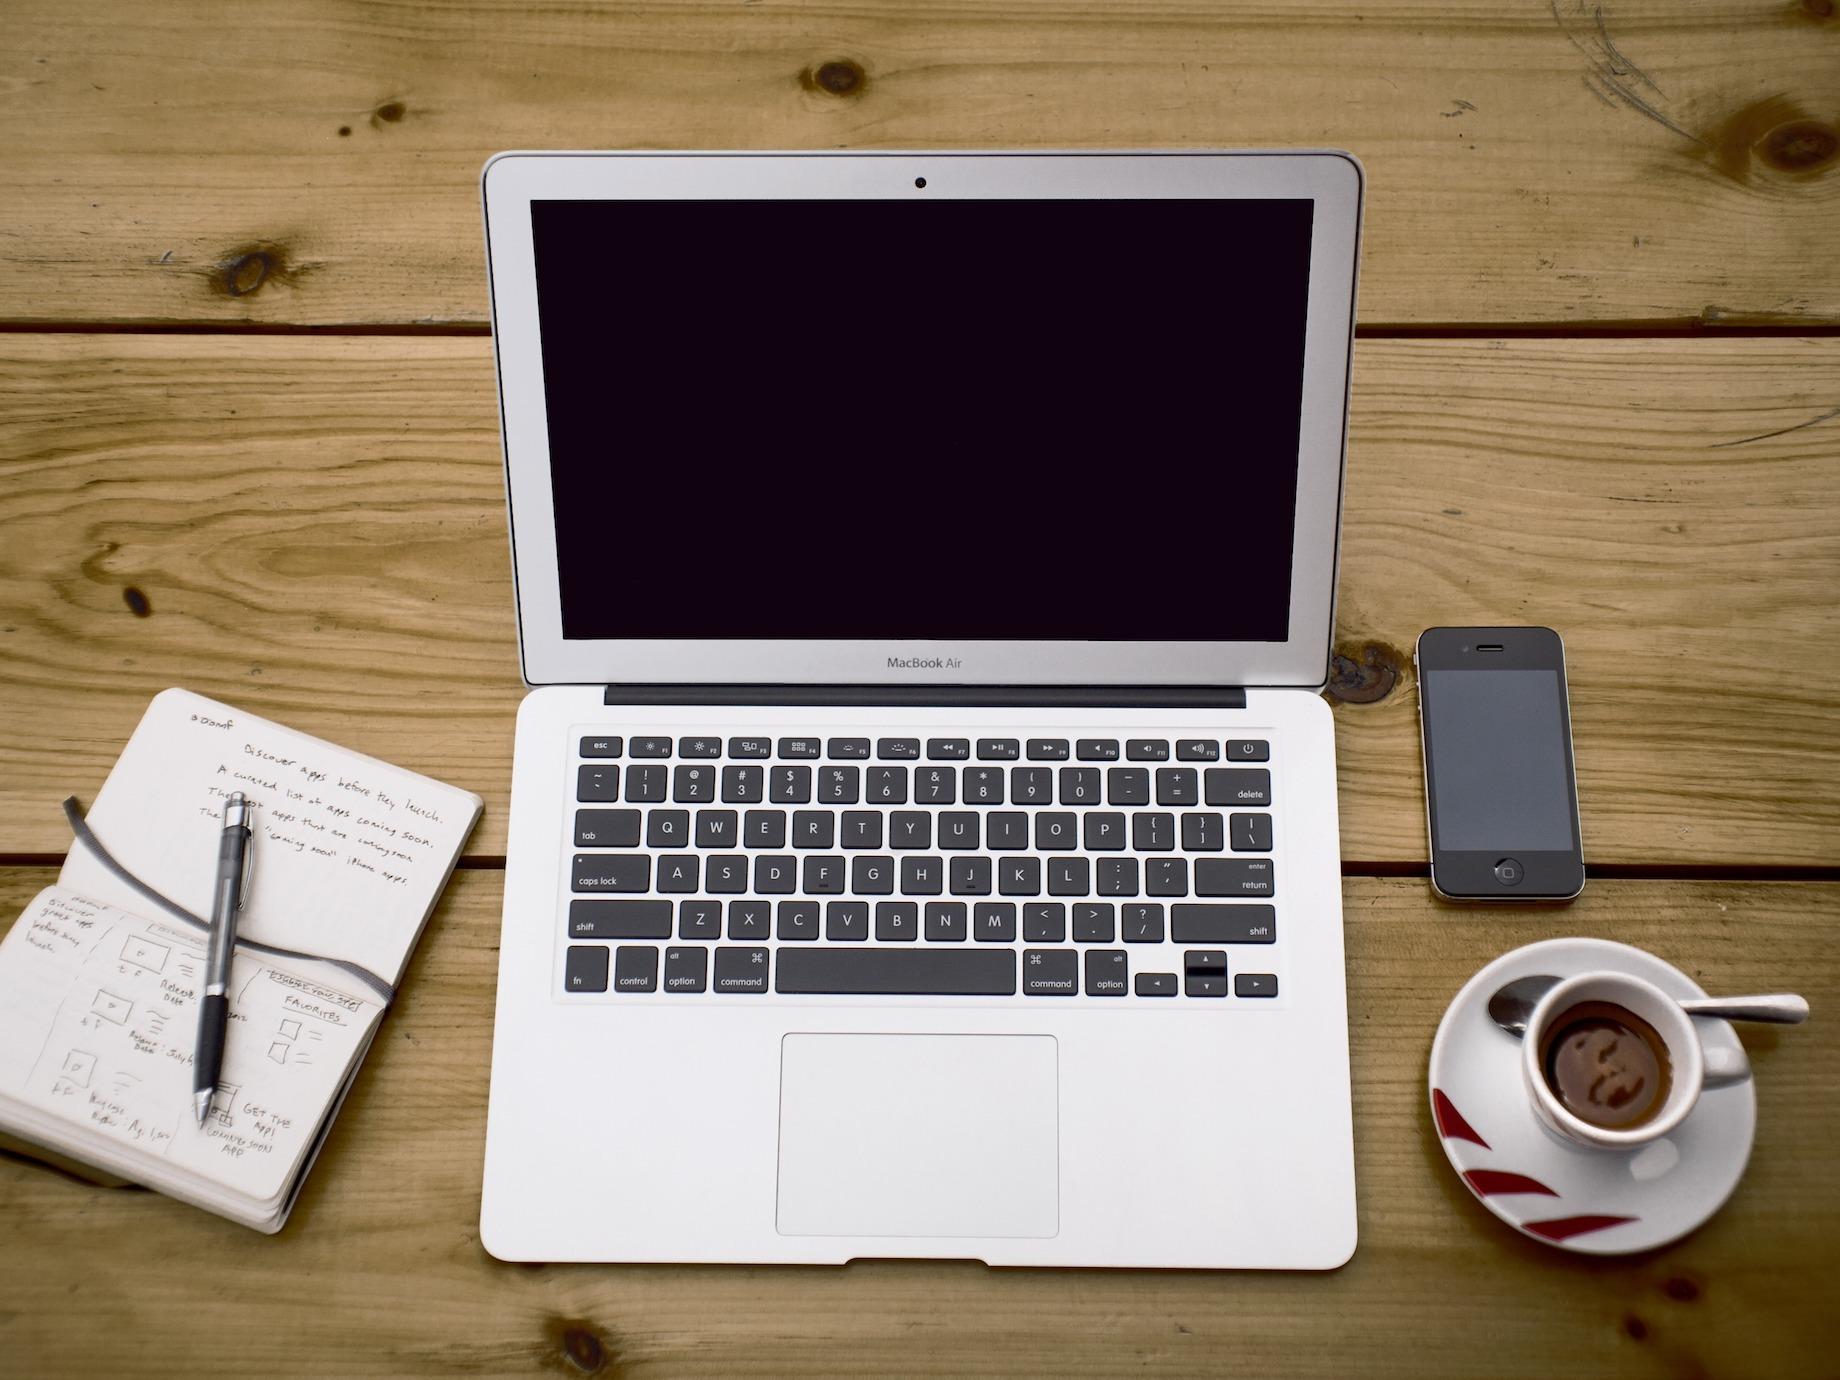 影響者行銷指南》5個與網紅合作方法解析,將流量轉為銷售量